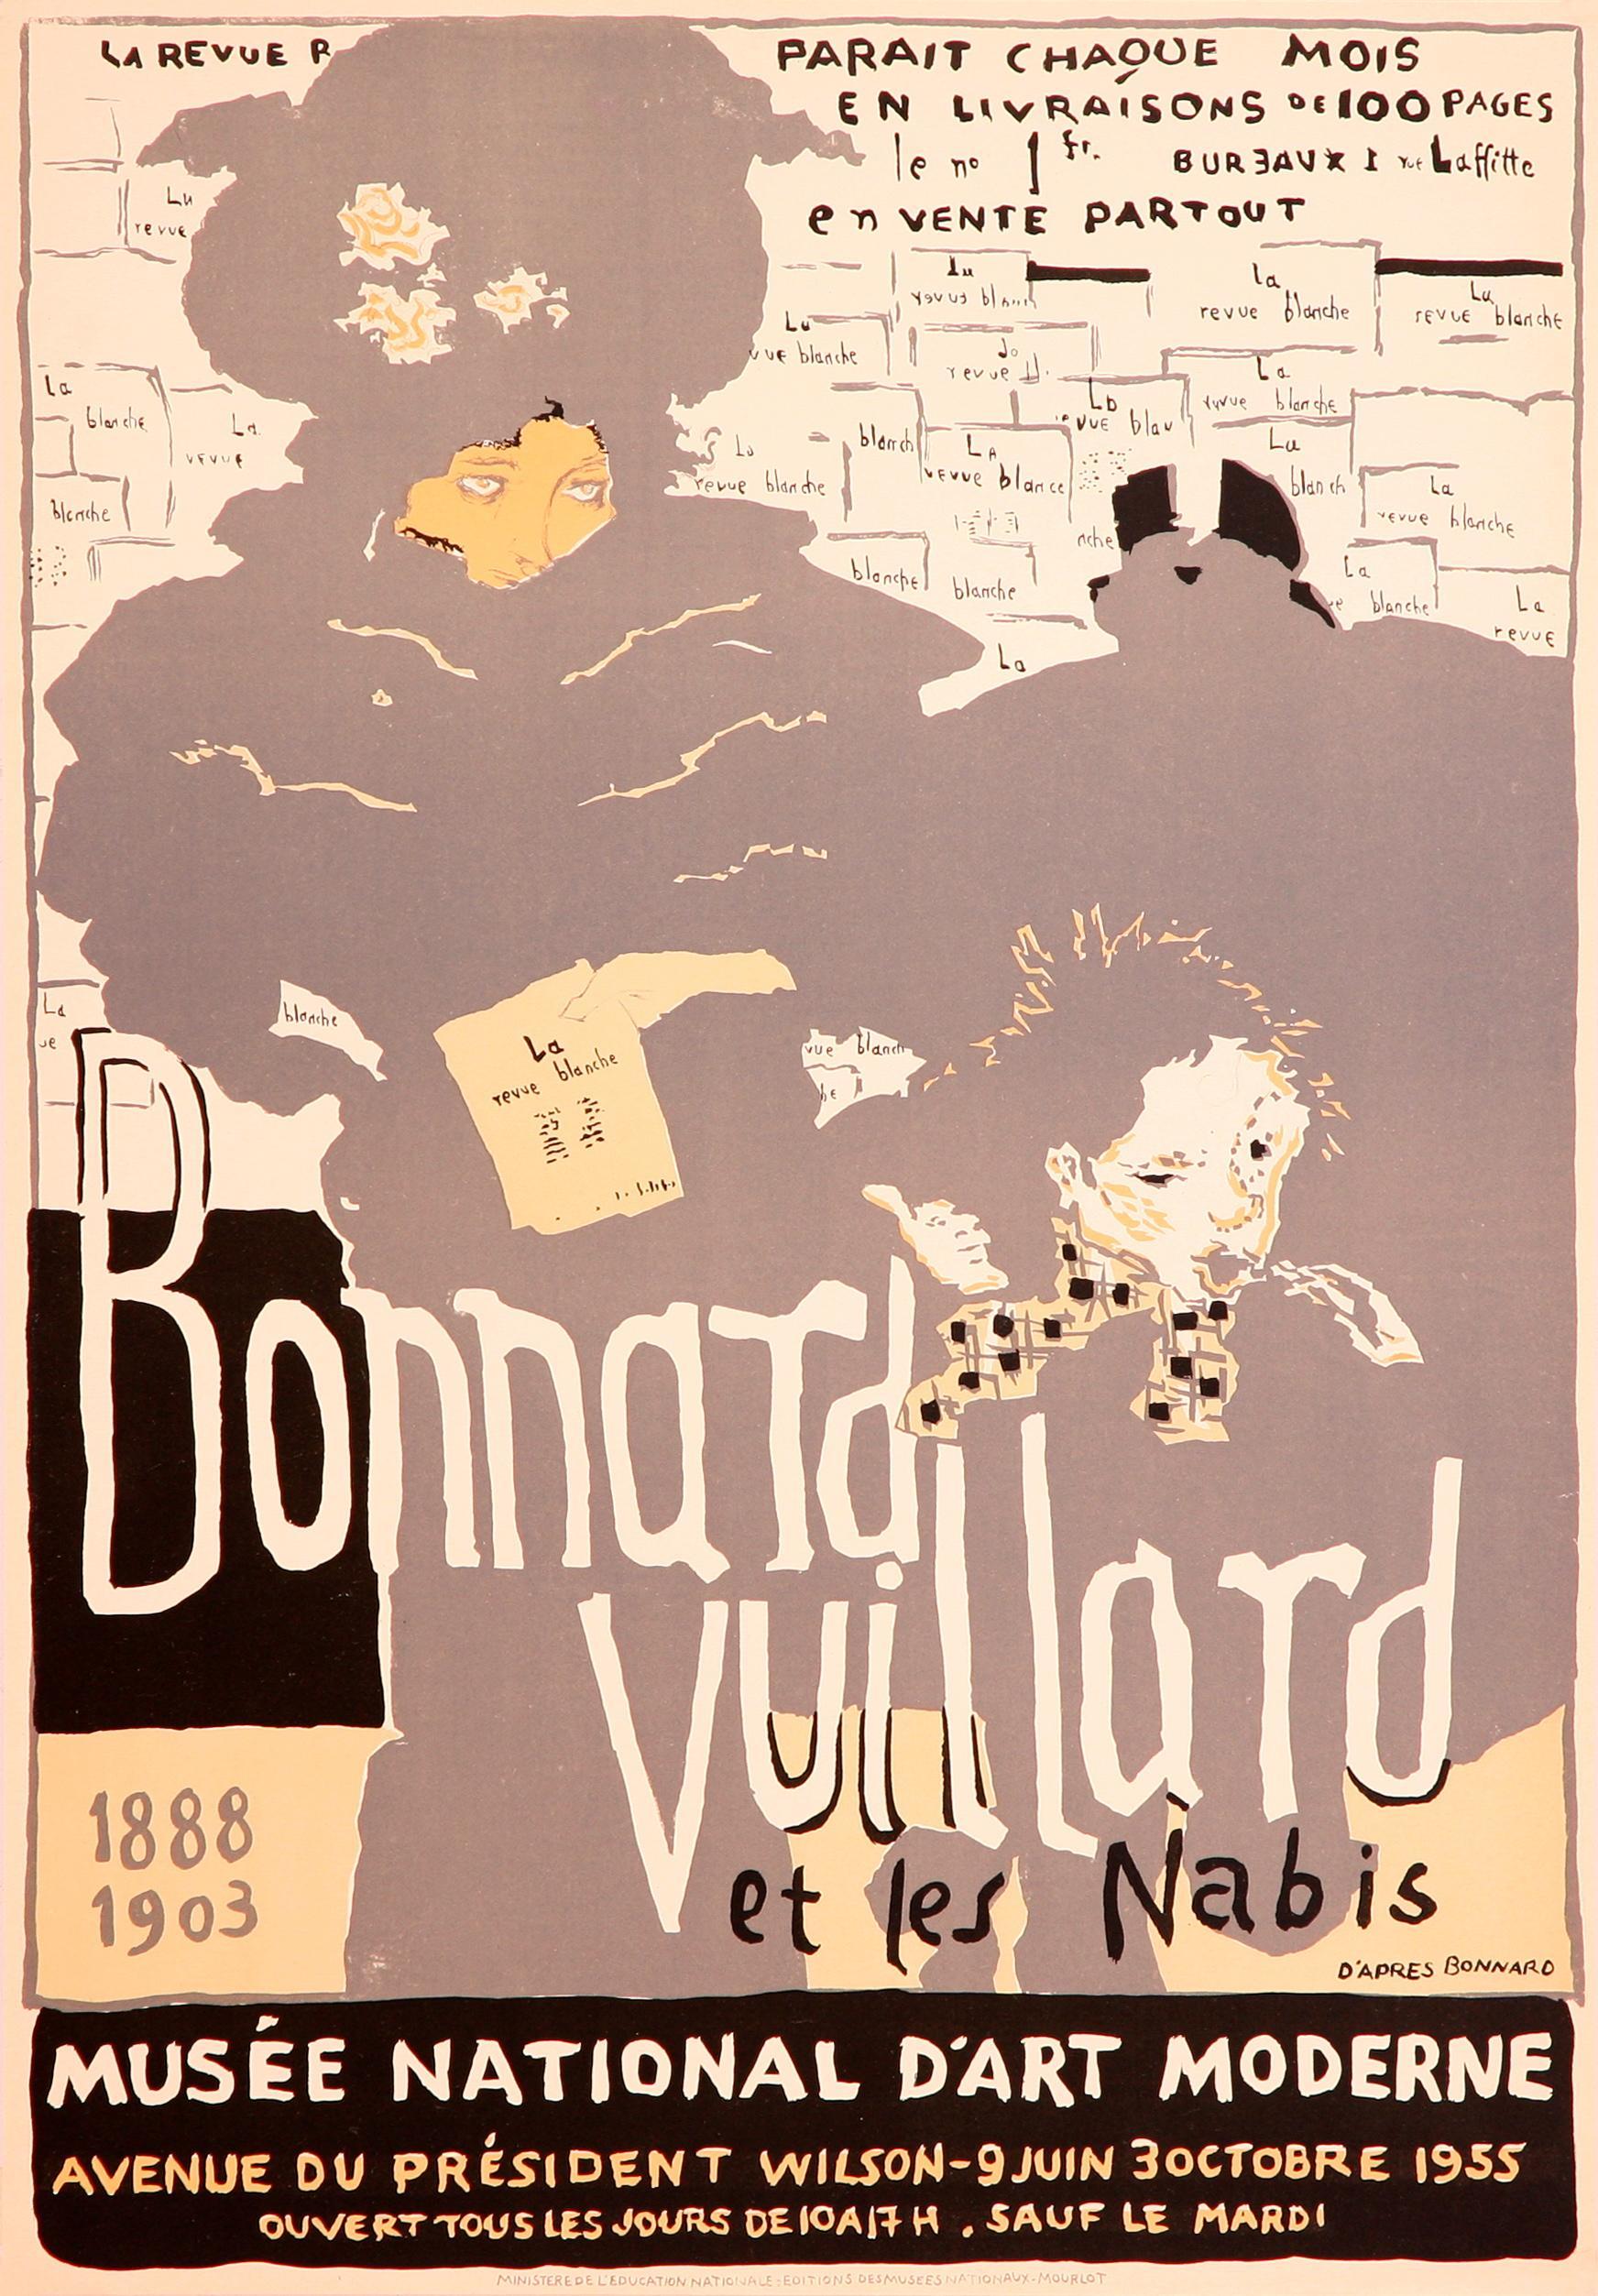 Bonnard Vuillard - Musée National D'Art Moderne (after) Pierre Bonnard, 1955